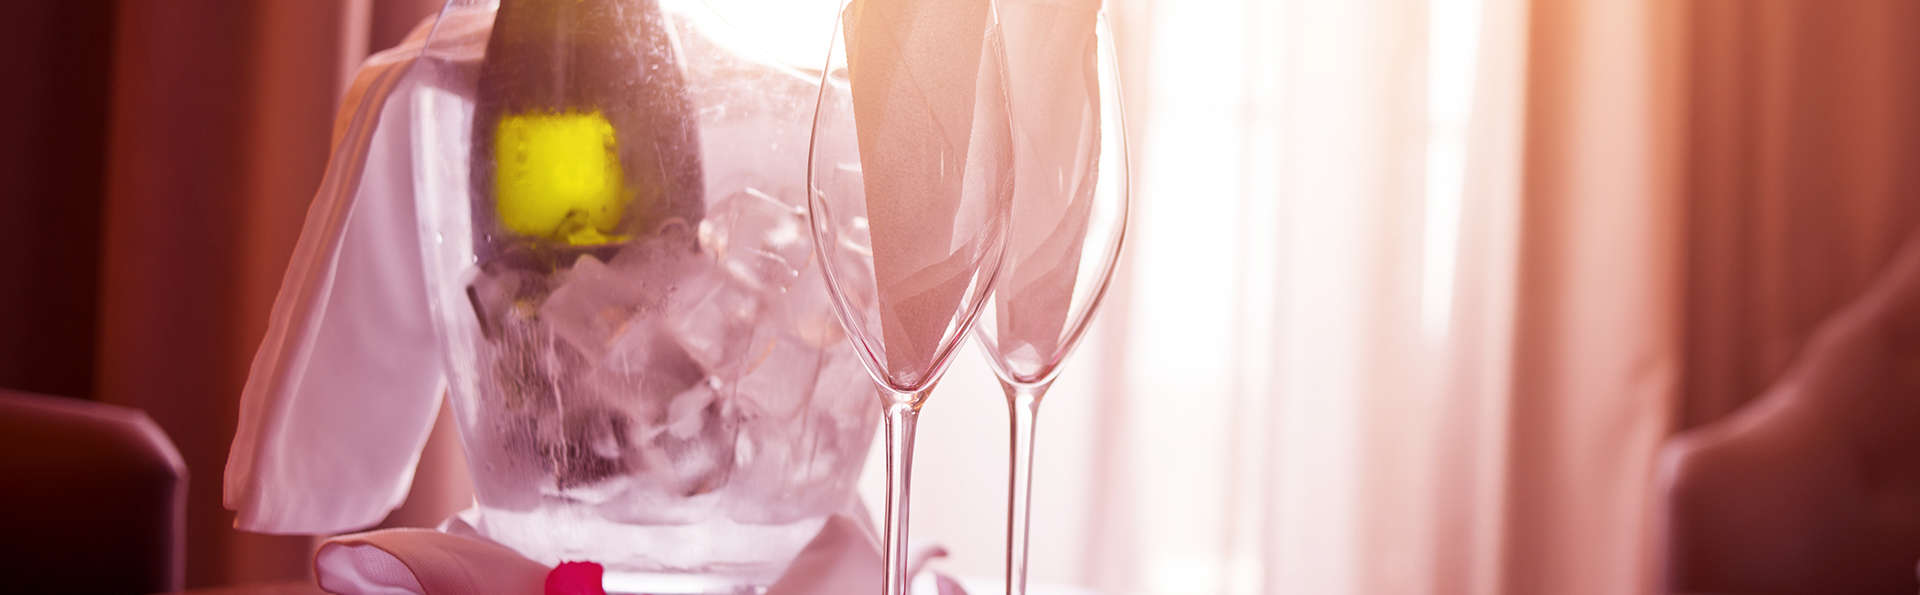 Relax con degustazione di vini a Chianciano Terme con la tua dolce metá